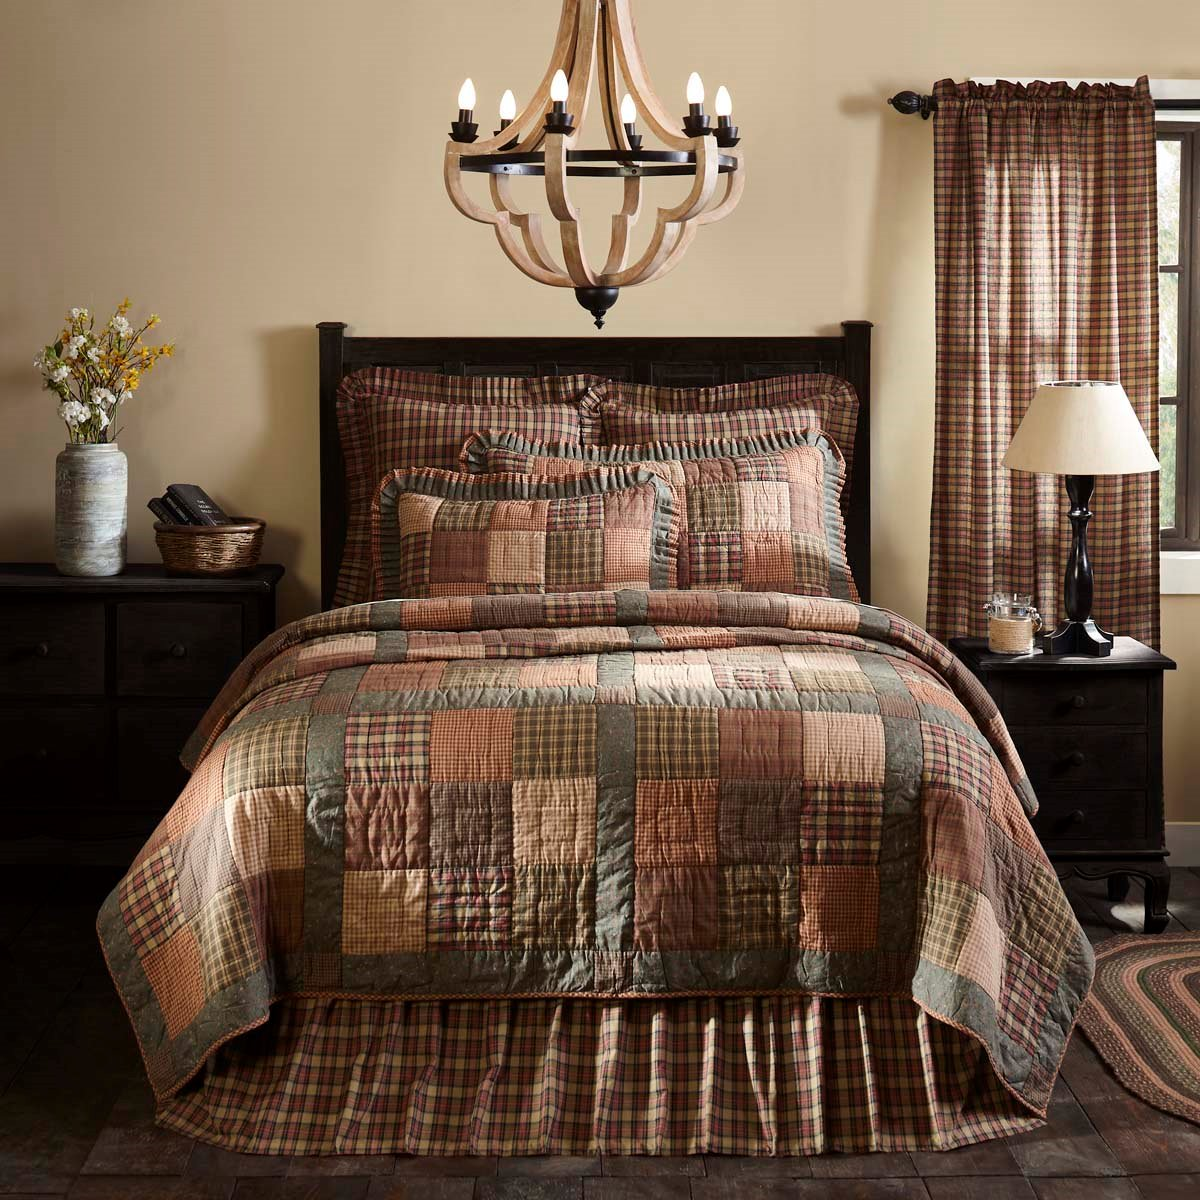 Crosswoods Luxury King Quilt 105x120